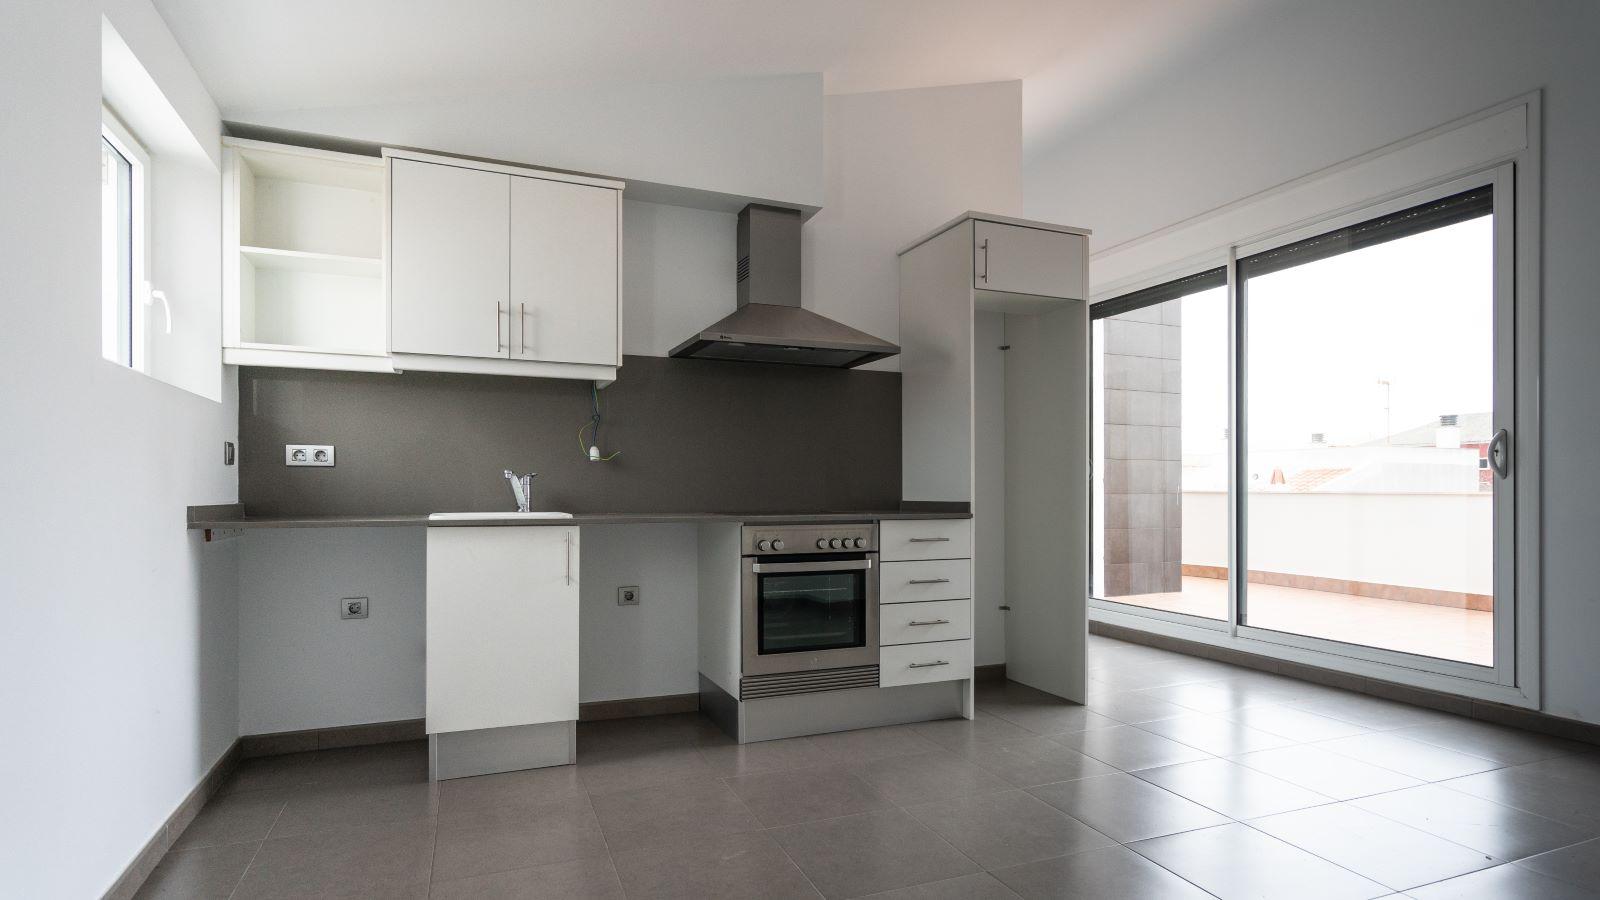 Wohnung in Es Castell Ref: V2138 (16) 2